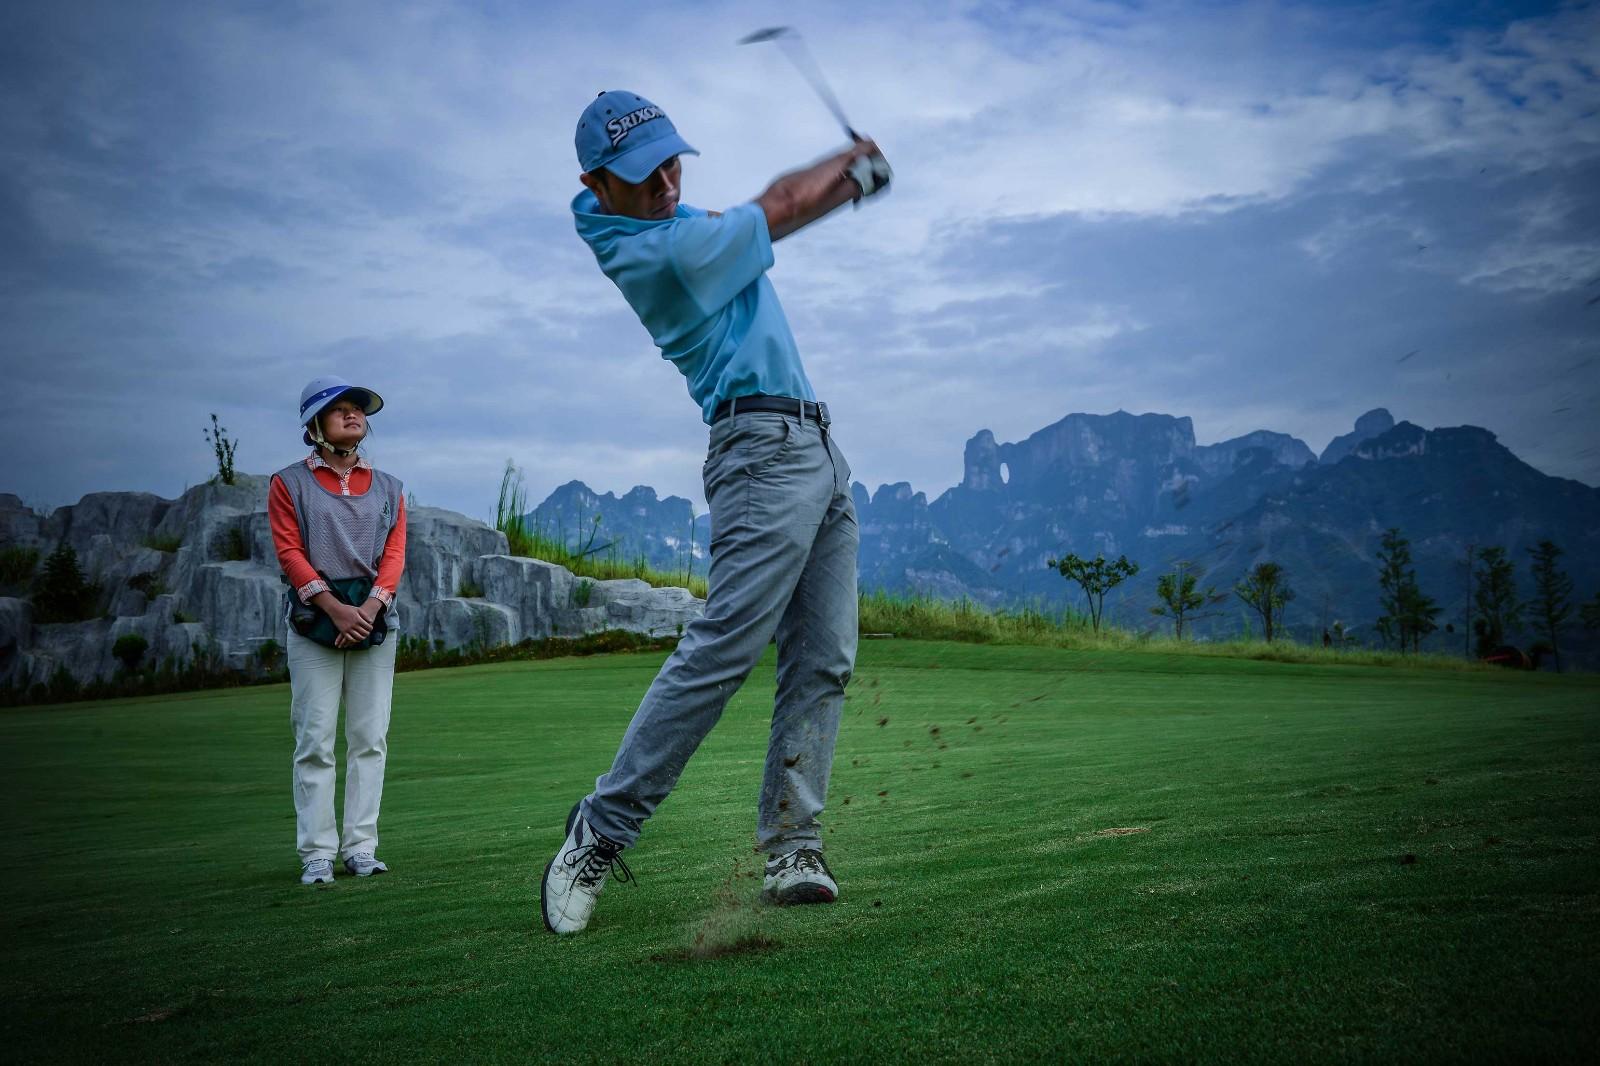 Zhangjiajie Skydoor Golf Course